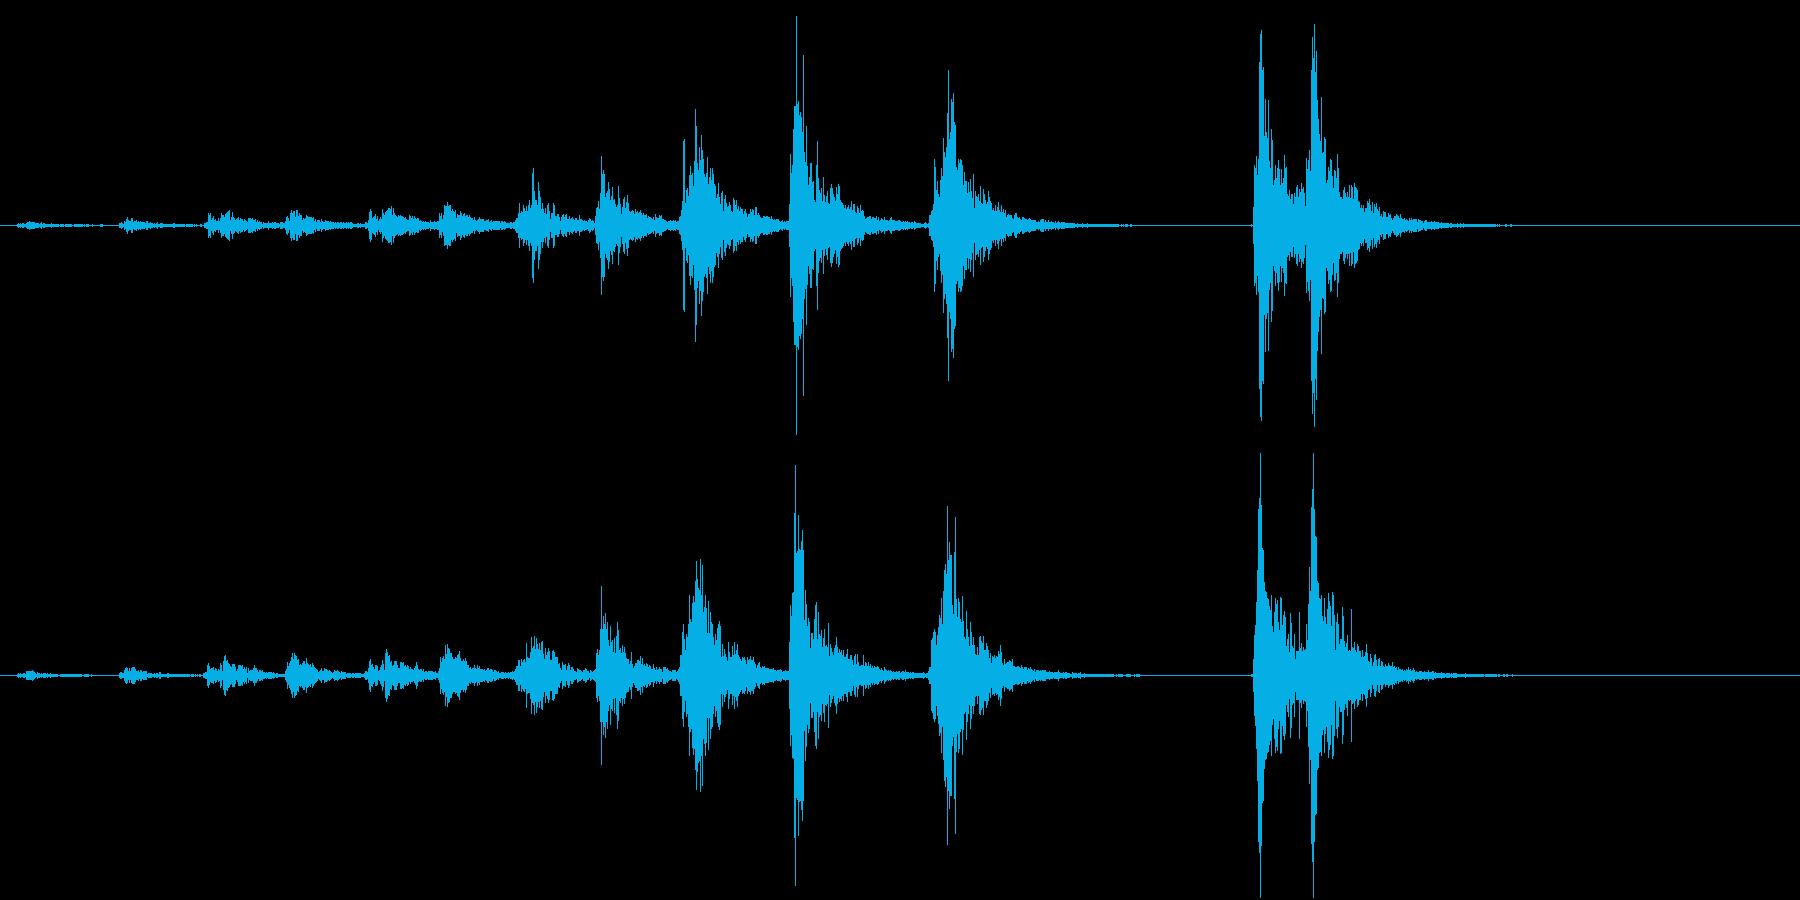 「ドドド・・ドン」歌舞伎の足拍子の連打音の再生済みの波形